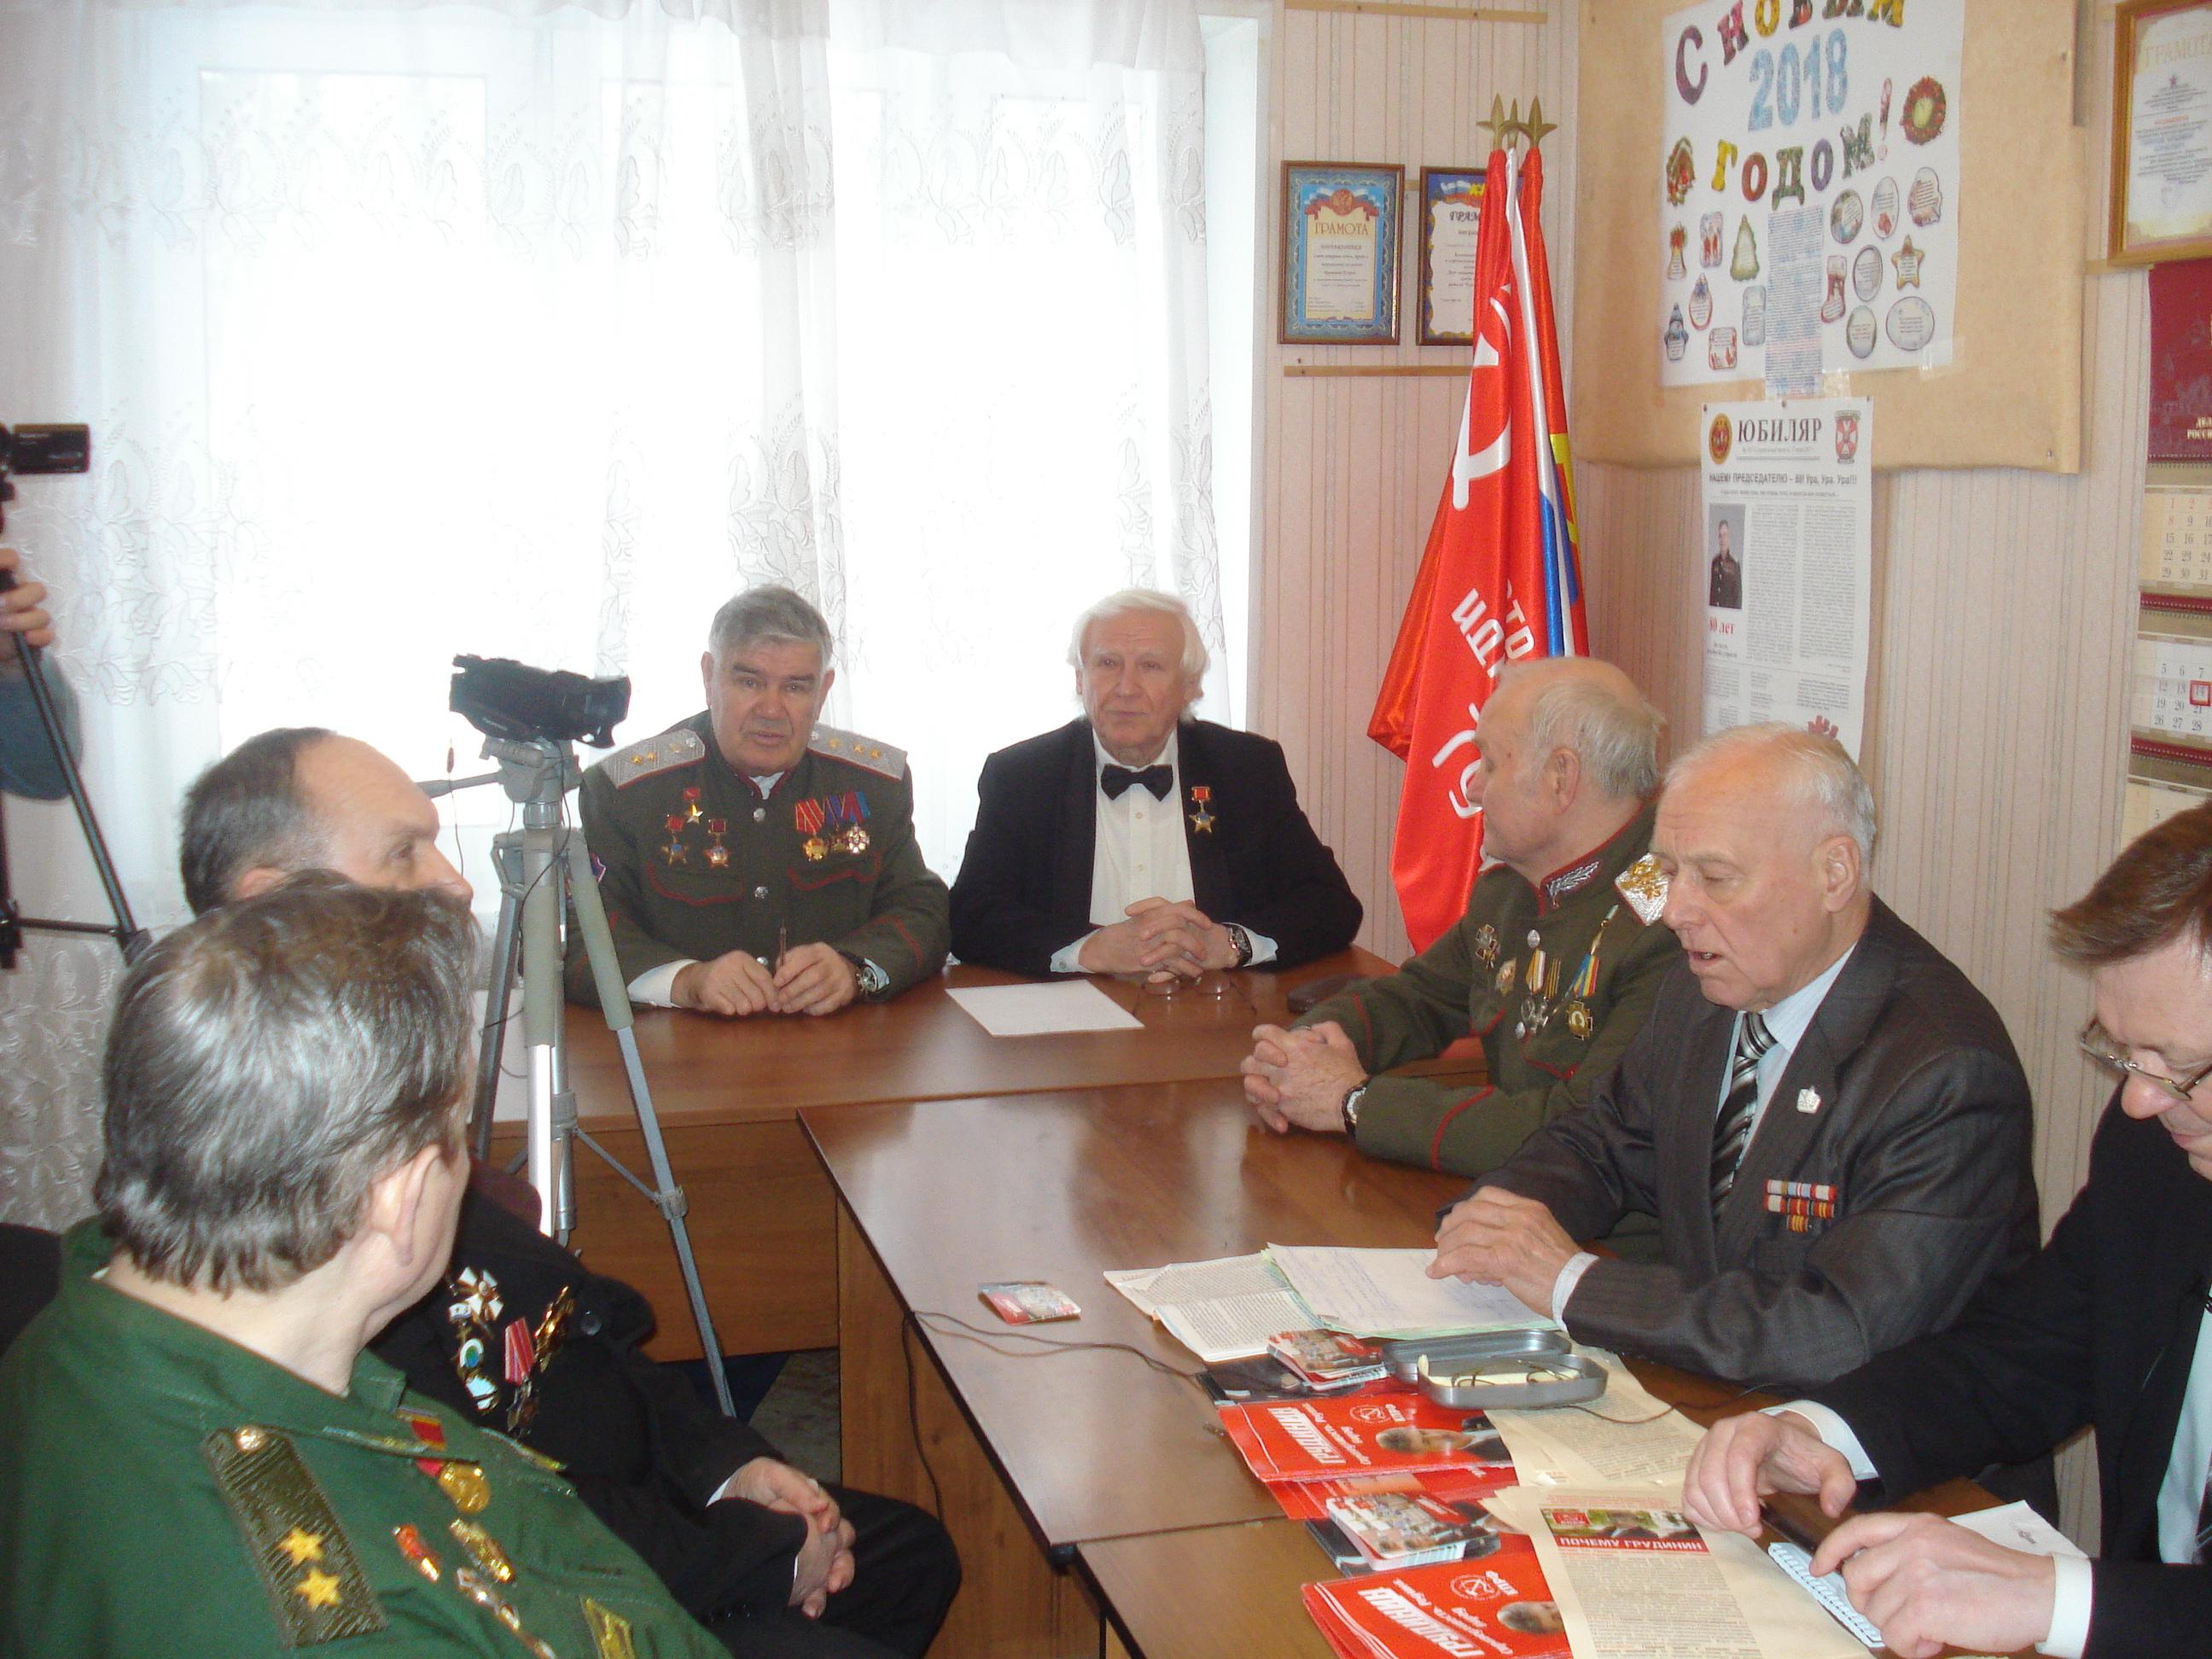 7 октября 2018 года состоится закрытое совещание «Бородино 2045» Историческая правда о действиях Иосифа Виссарионовича Сталина 1937 год